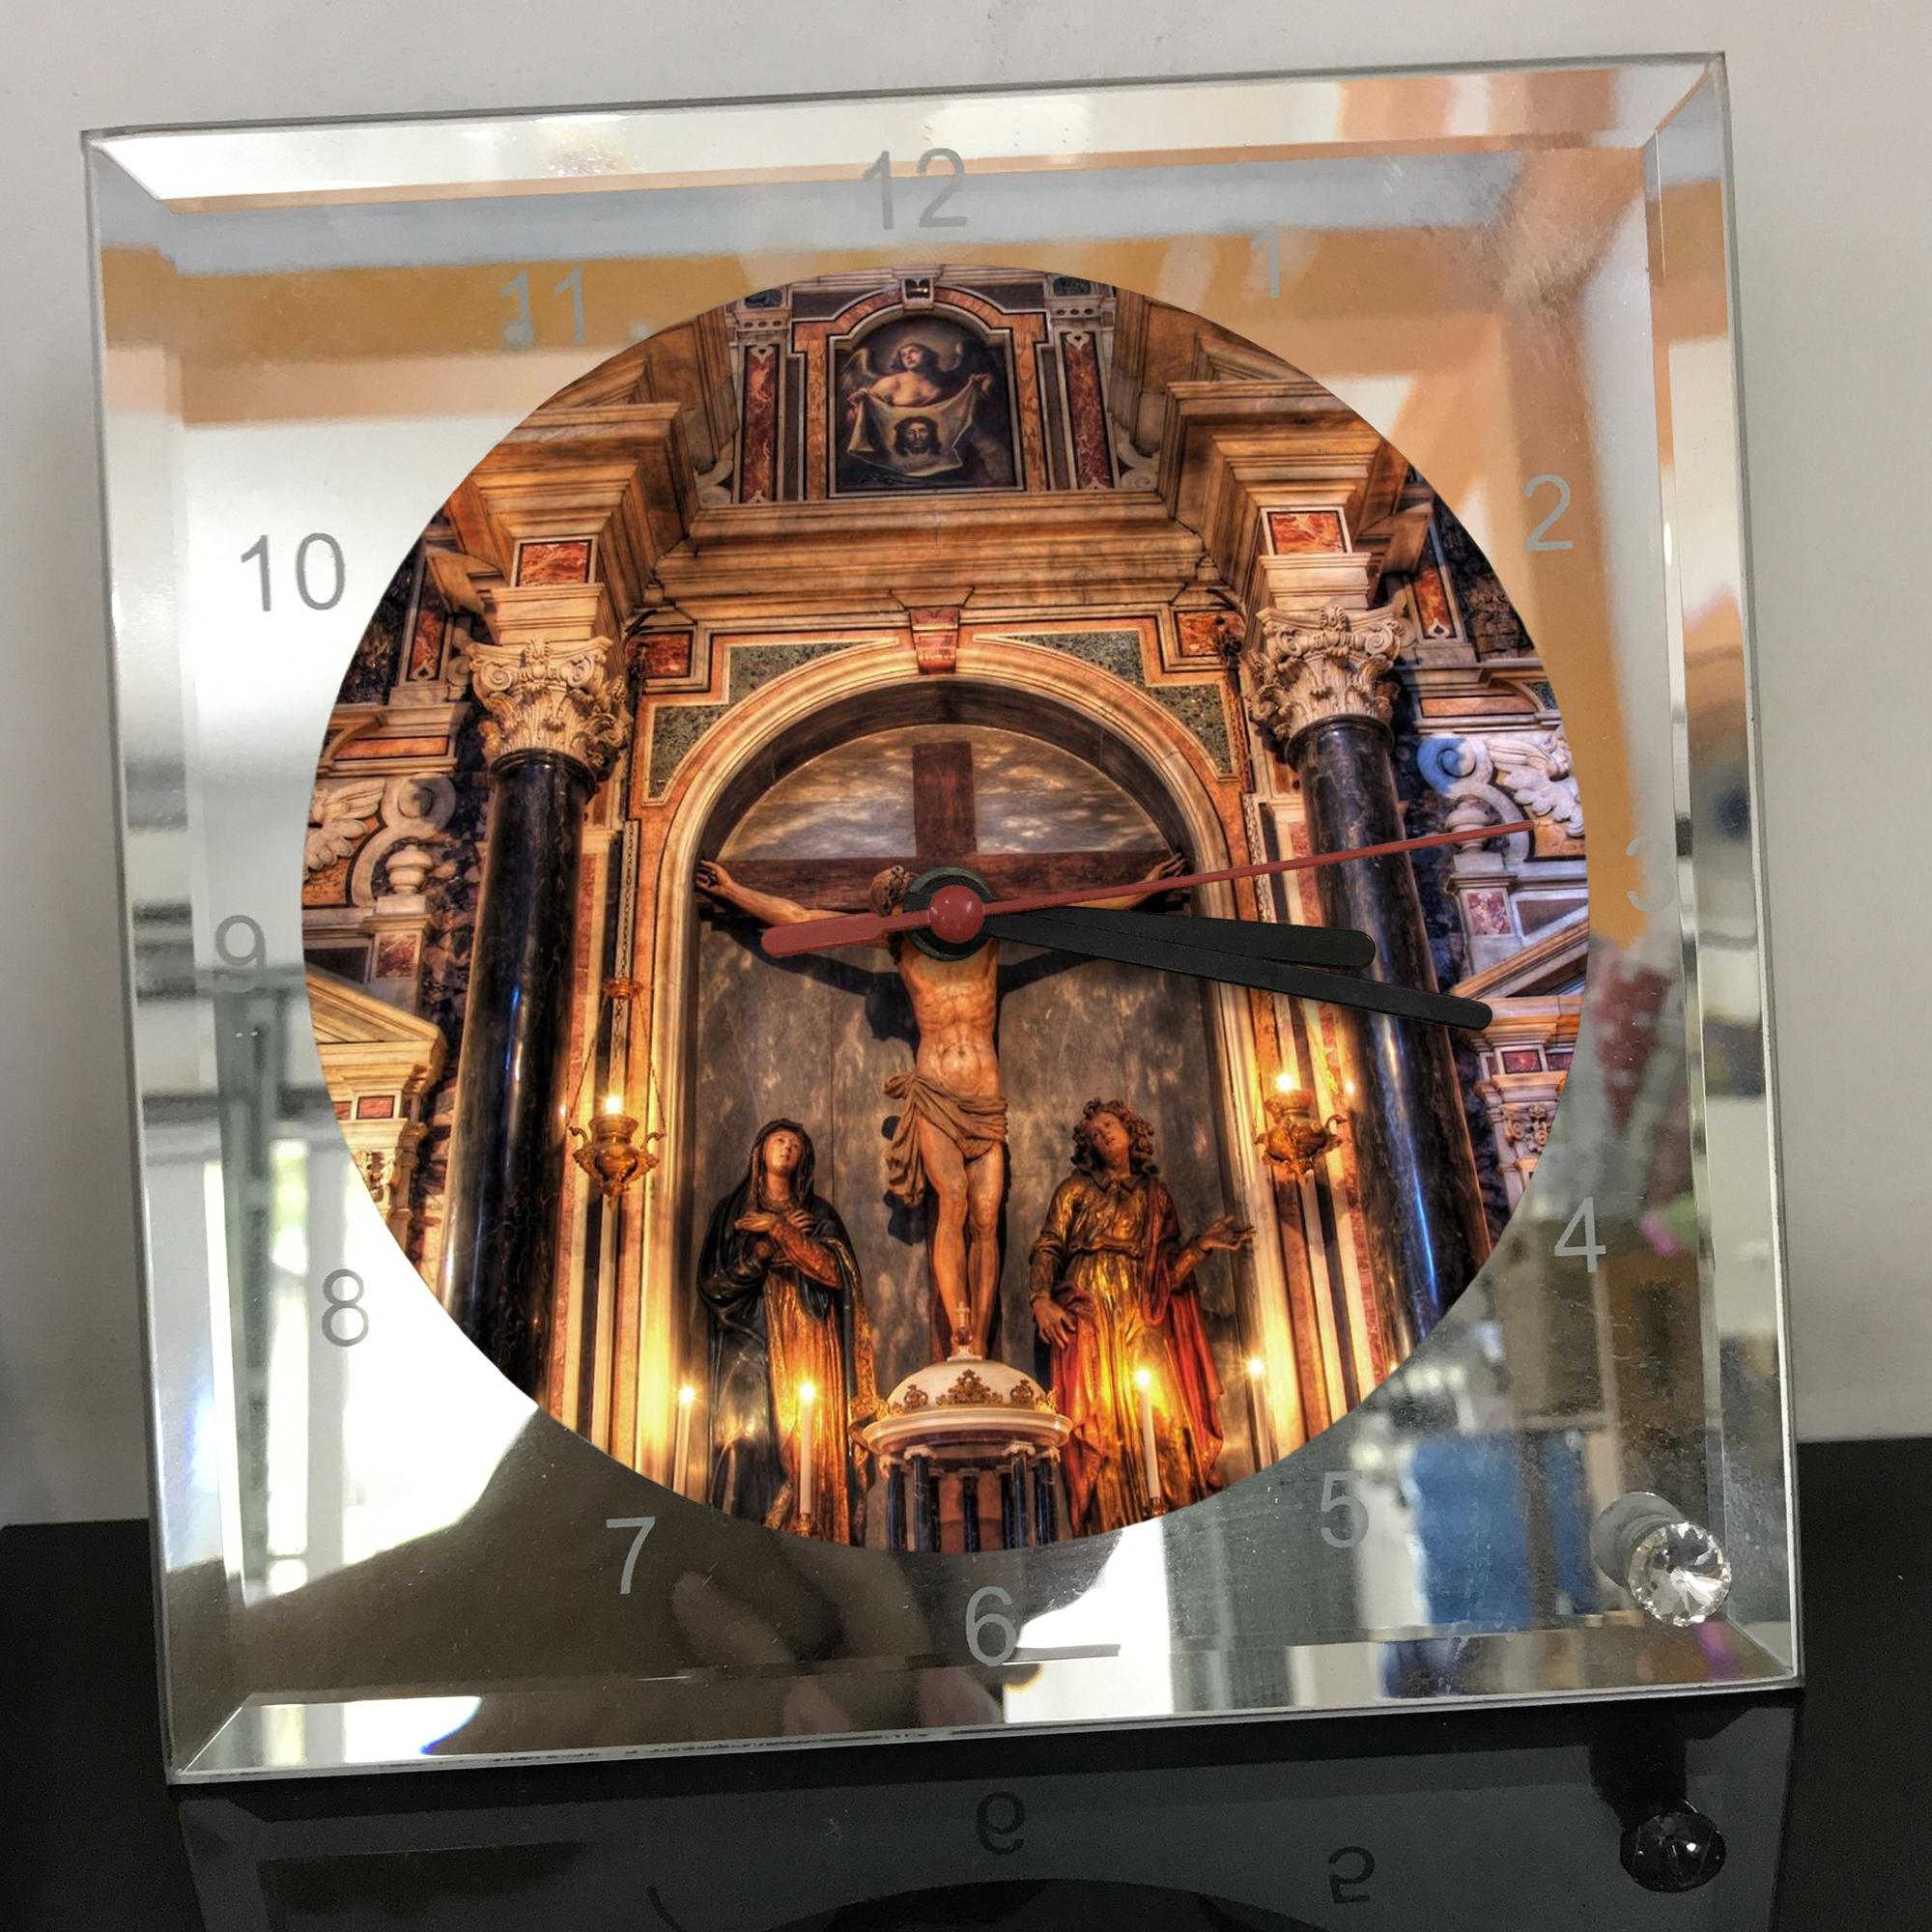 Đồng hồ thủy tinh vuông 20x20 in hình Cathedral - nhà thờ chính tòa (21) . Đồng hồ thủy tinh để bàn trang trí đẹp chủ đề tôn giáo